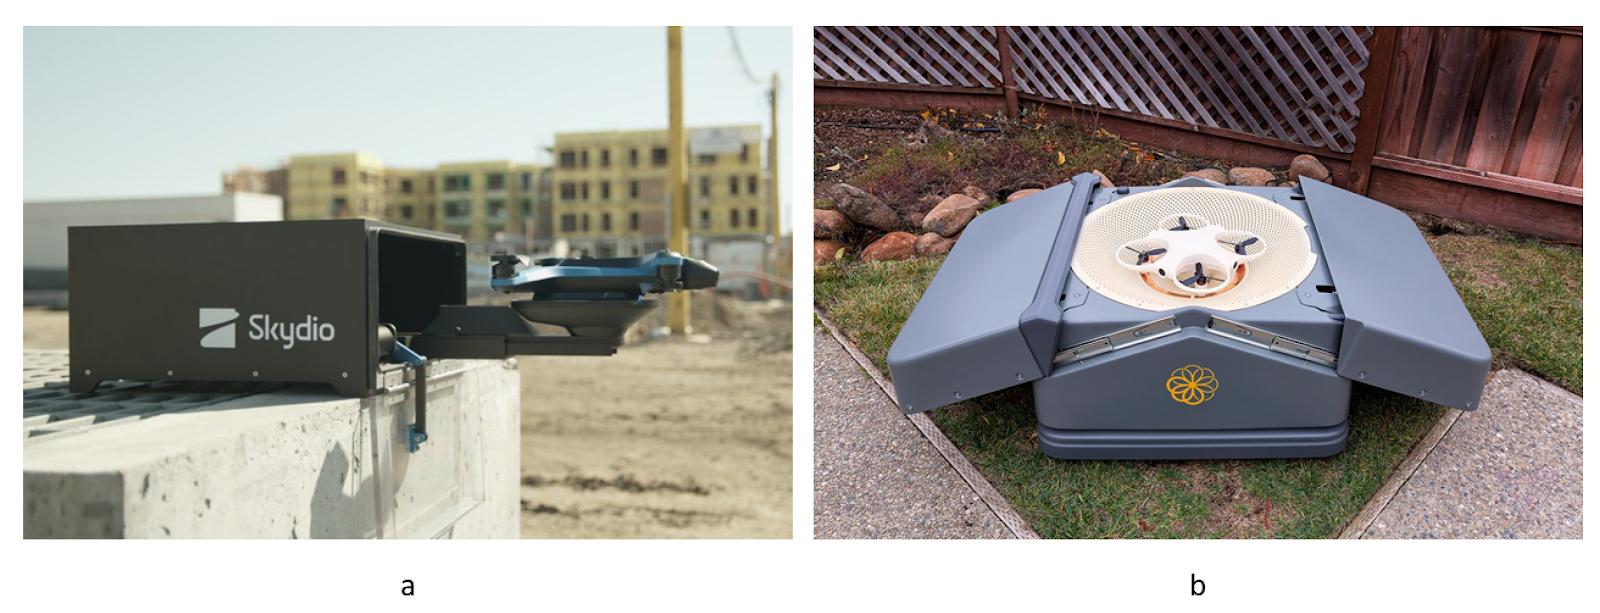 Примеры посадочных платформ с воронками для всех опор от Skydio и всего БПЛА от Sunflower